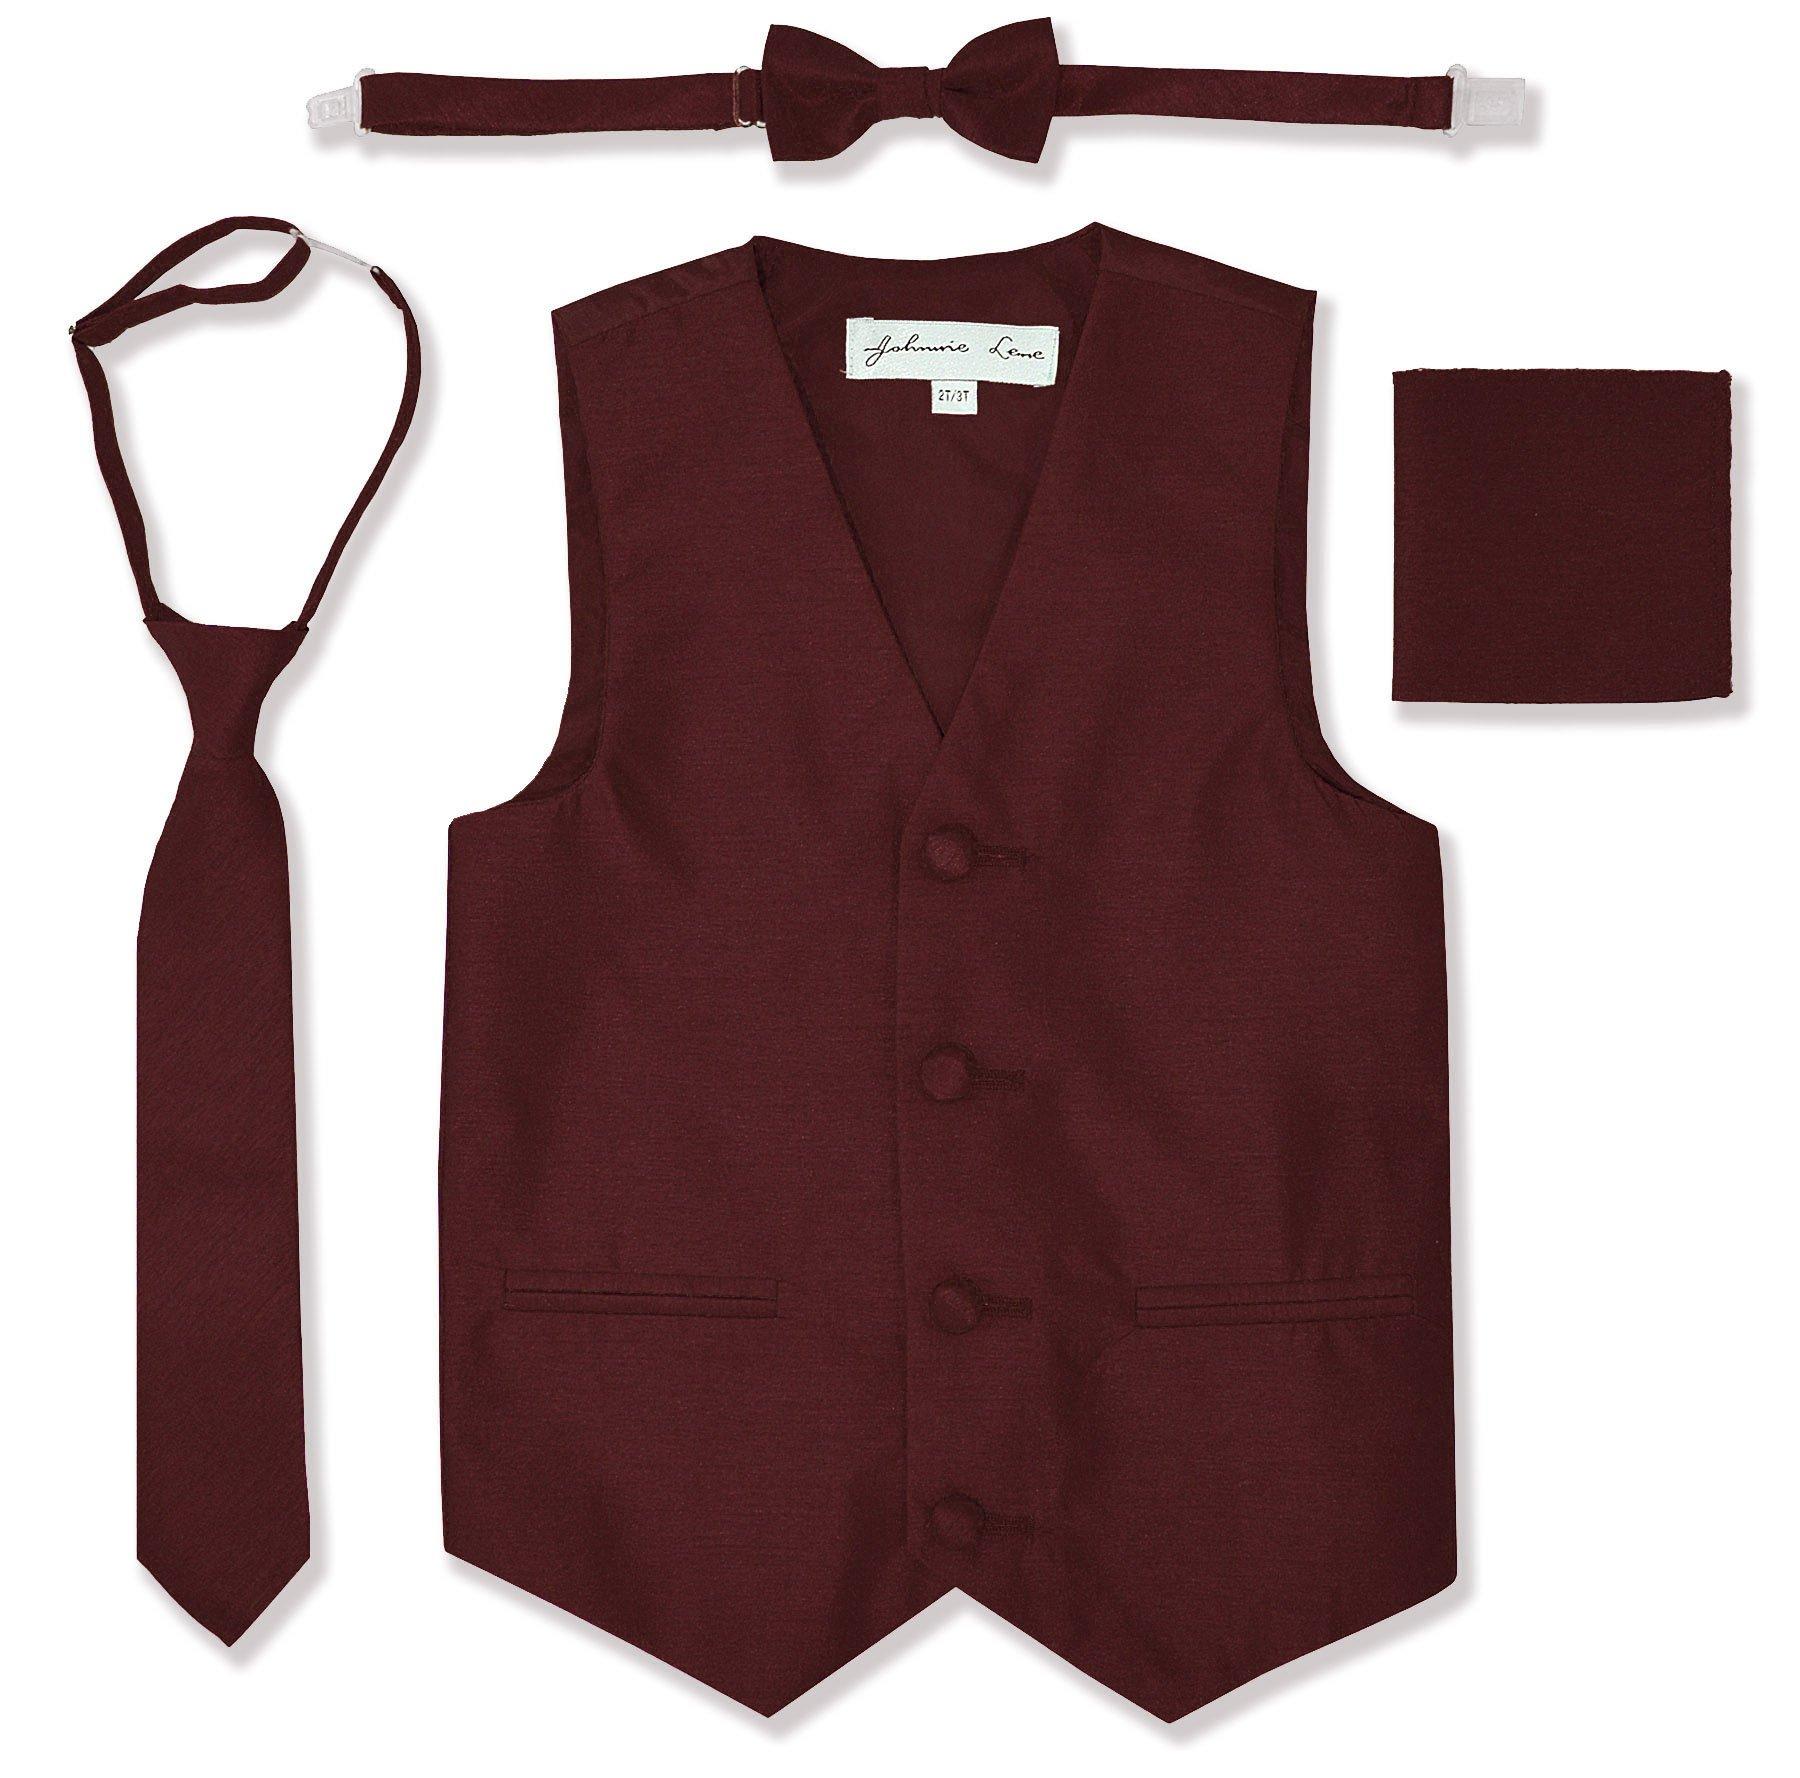 JL34 Boys Formal Tuxedo Vest Set (8, Burgundy) by Johnnie Lene (Image #1)